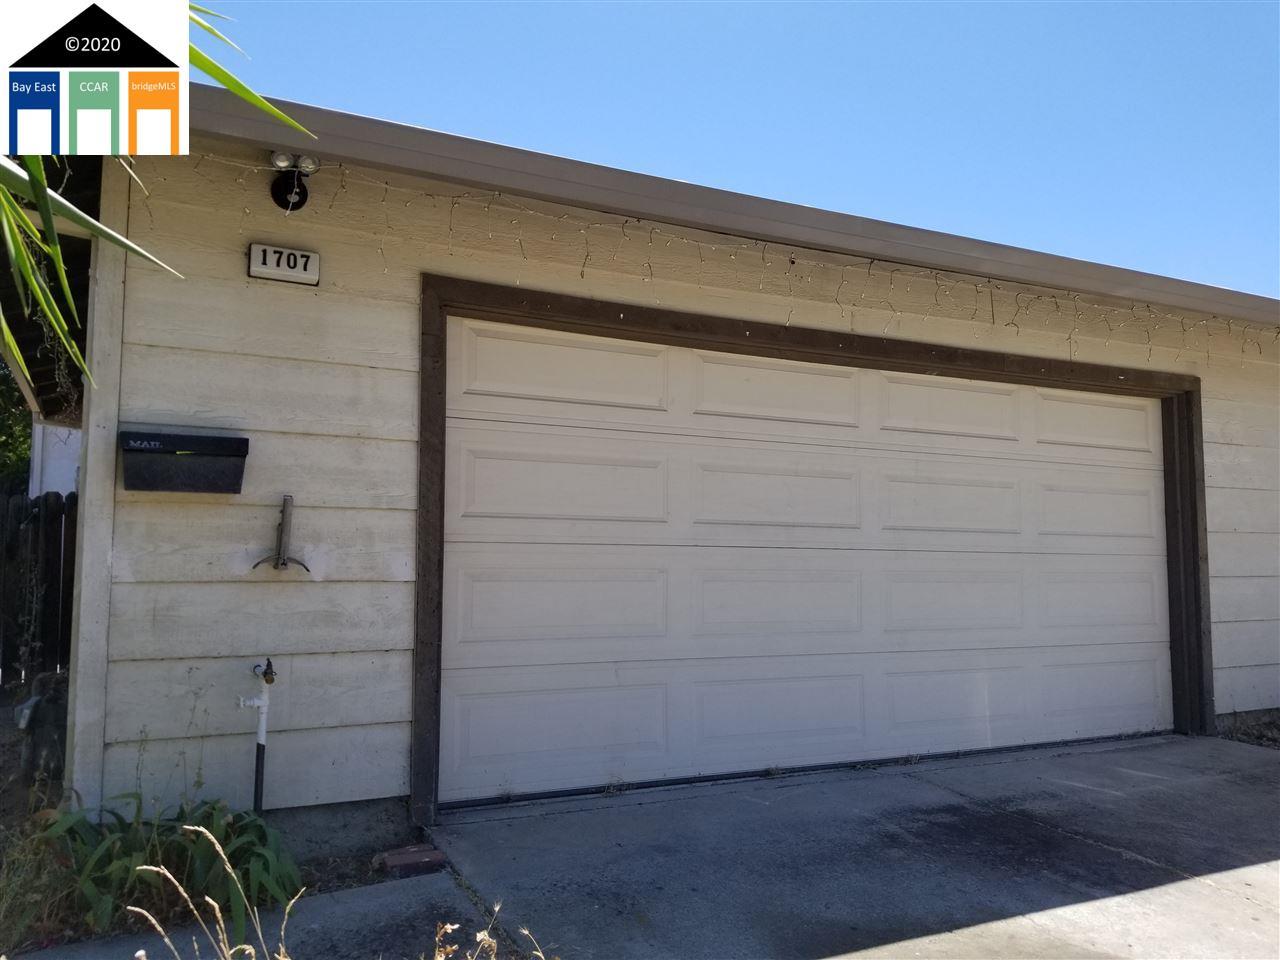 1707 Springwood, ANTIOCH, CA 94509